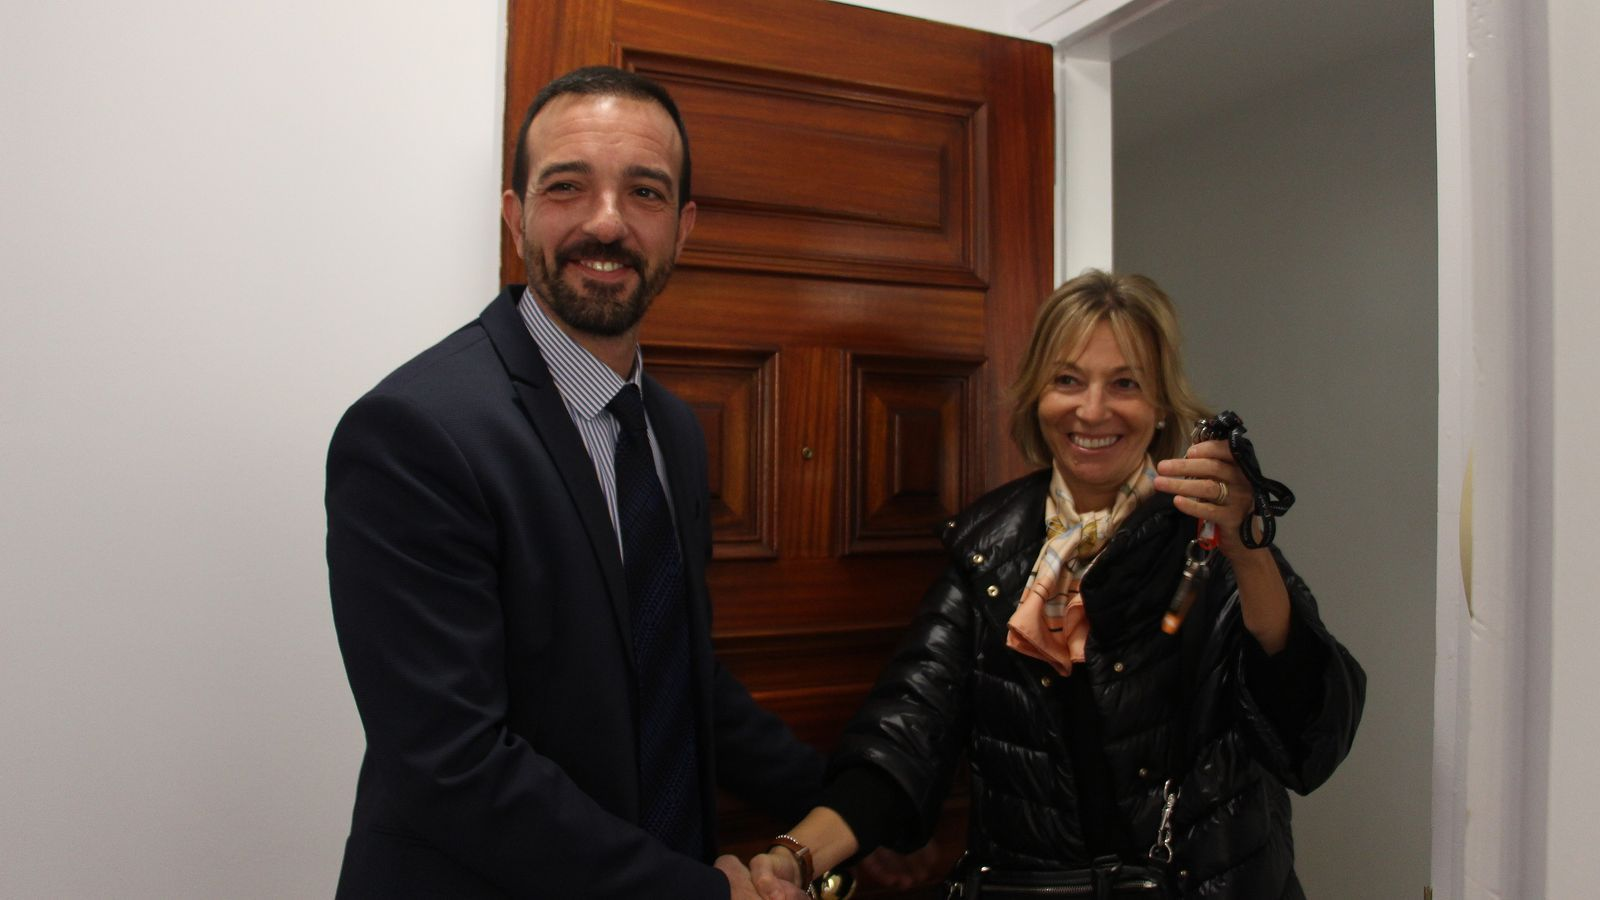 El ministre d'Ordenament Territorial, Jordi Torres, lliura les claus del pis a la secretària d'Estat d'Afers Socials i Ocupació, Ester Fenoll. / M. F. (ANA)